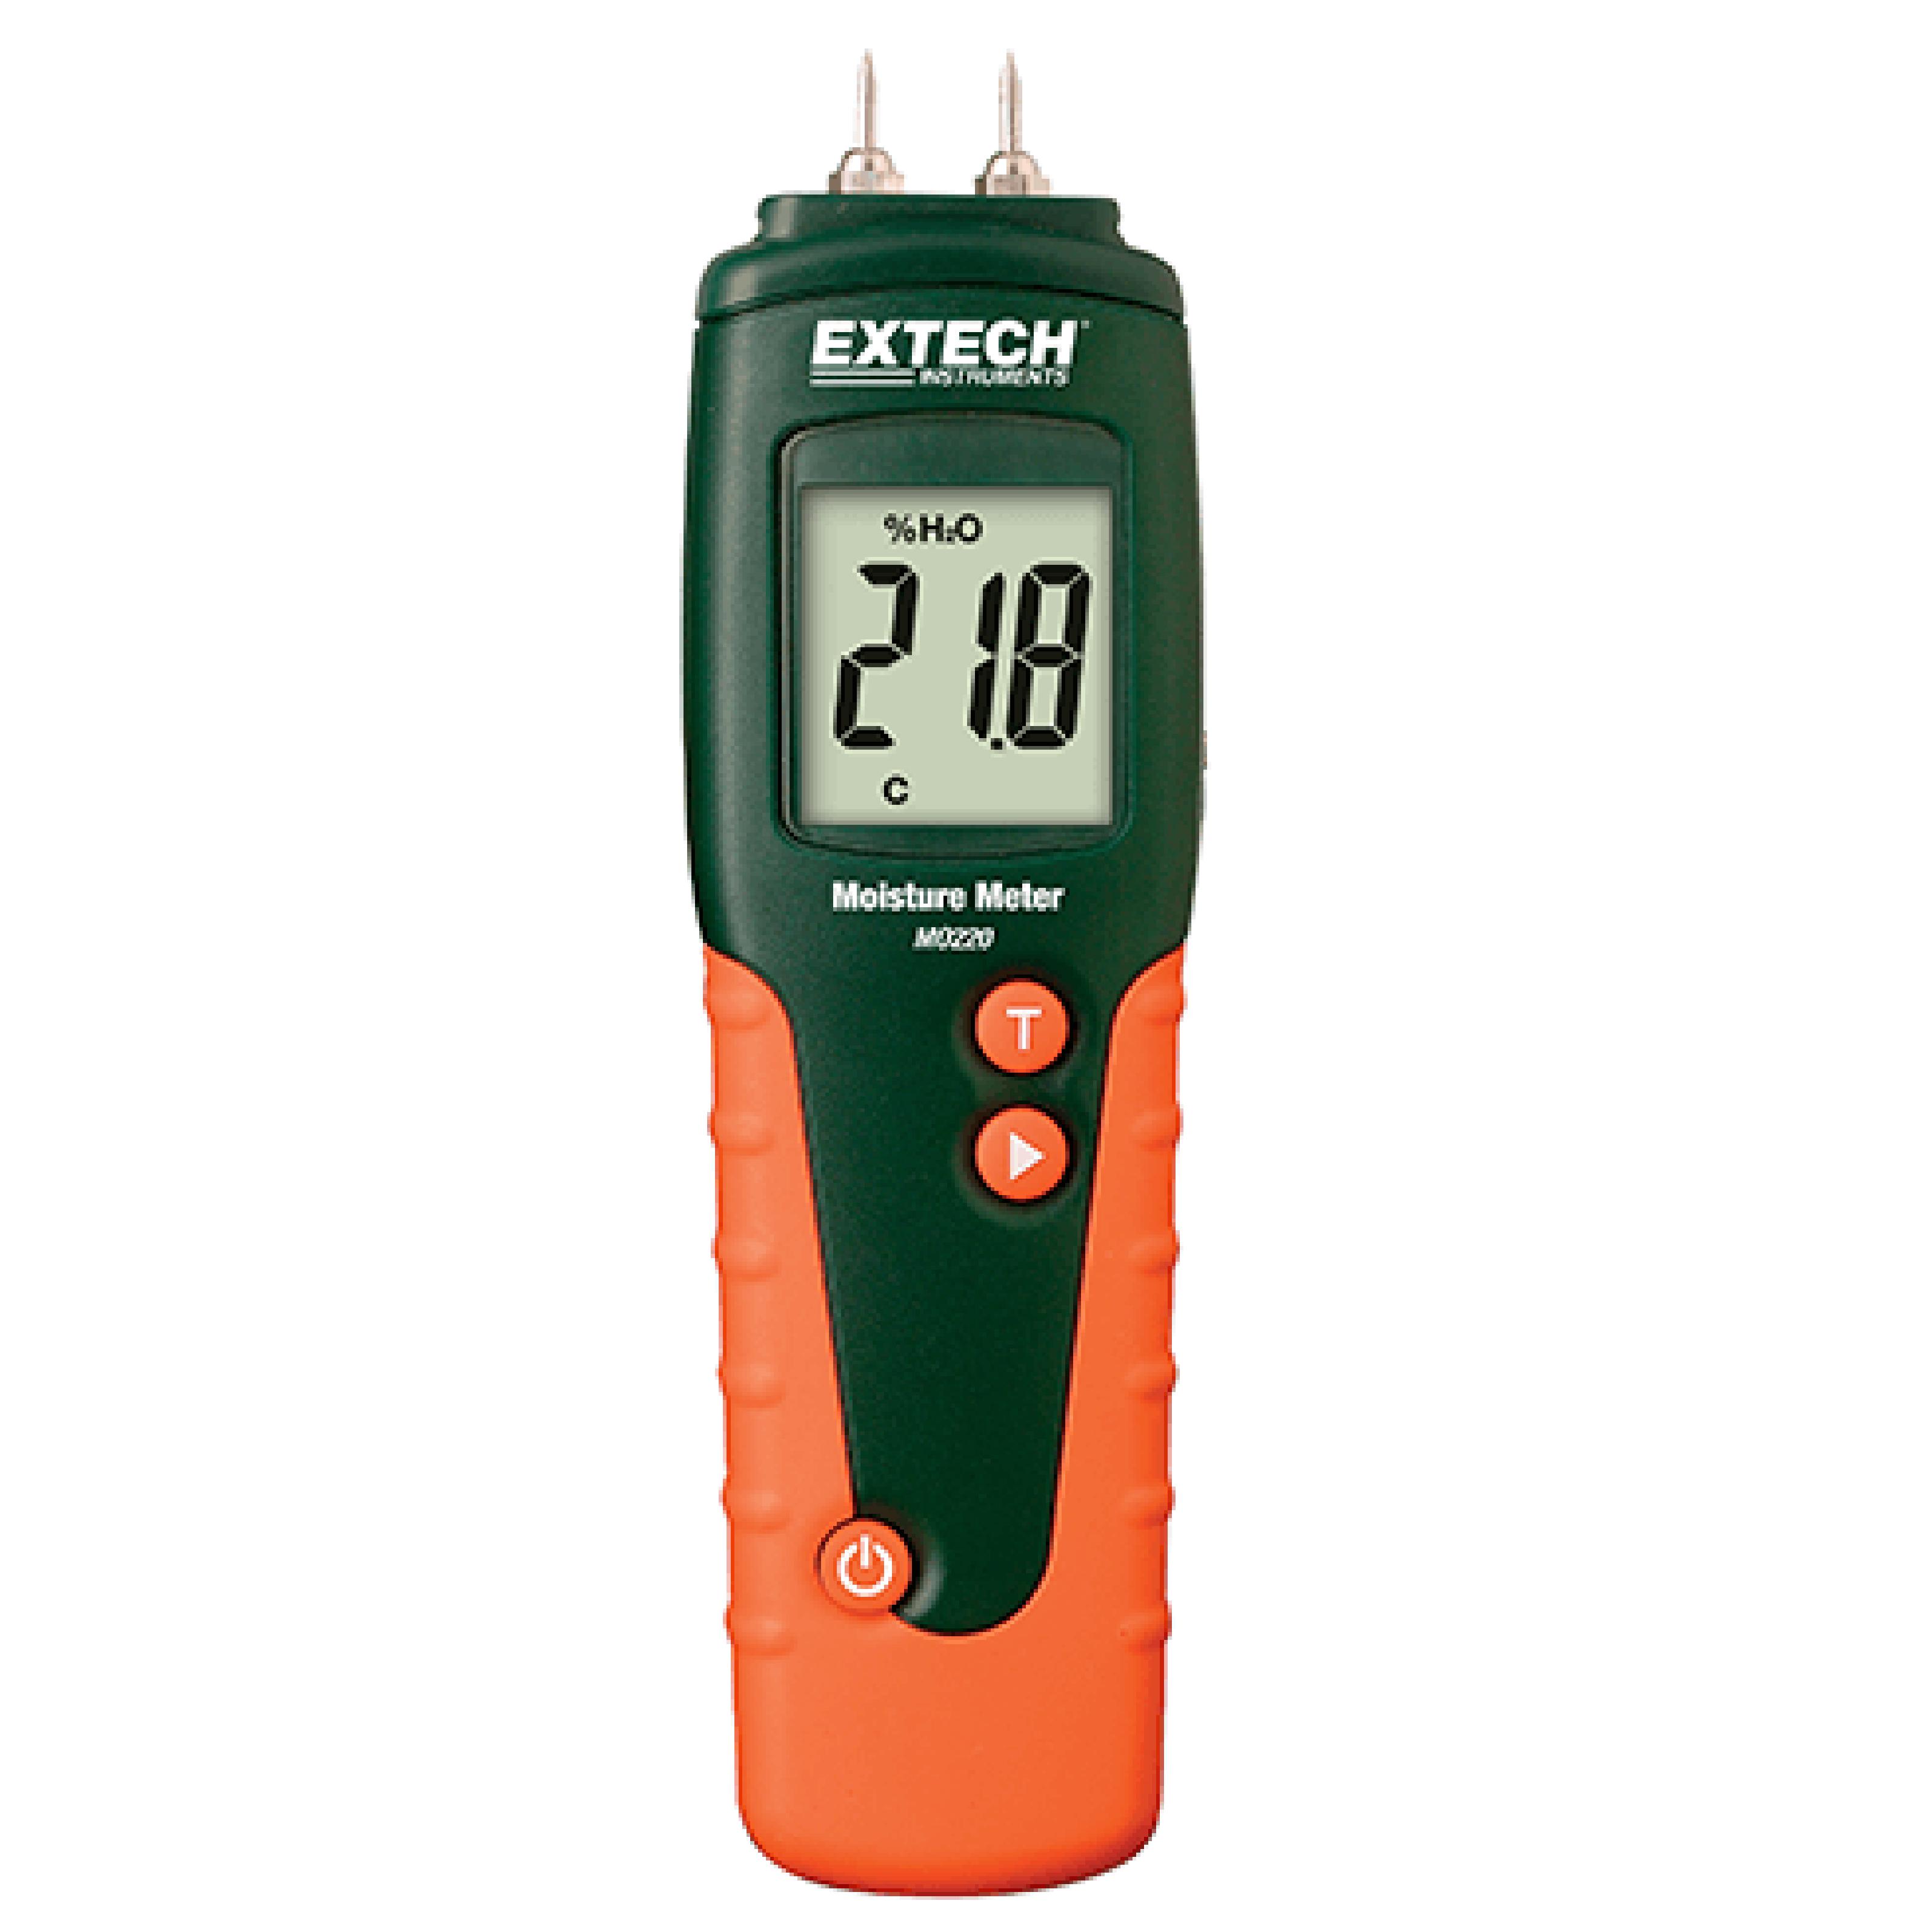 EXTECH MO220 - Wood Moisture Meter